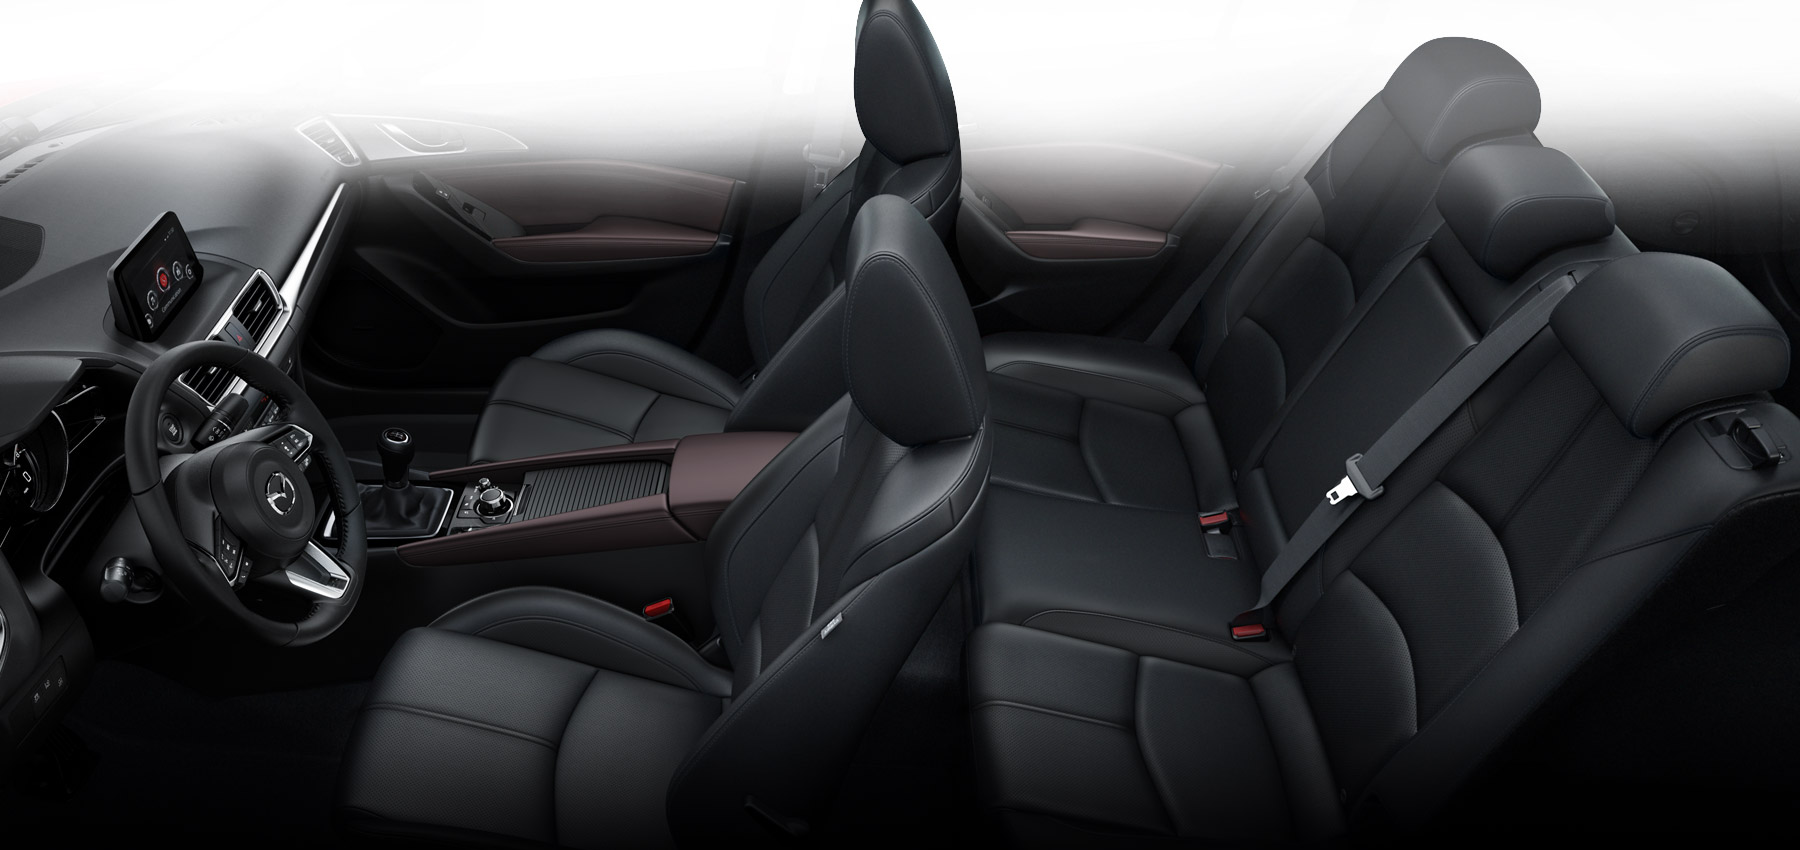 Mazda 2017 3 sedan auto compacto con consumo de combustible eficiente mazda usa for Mazda 3 2017 hatchback interior